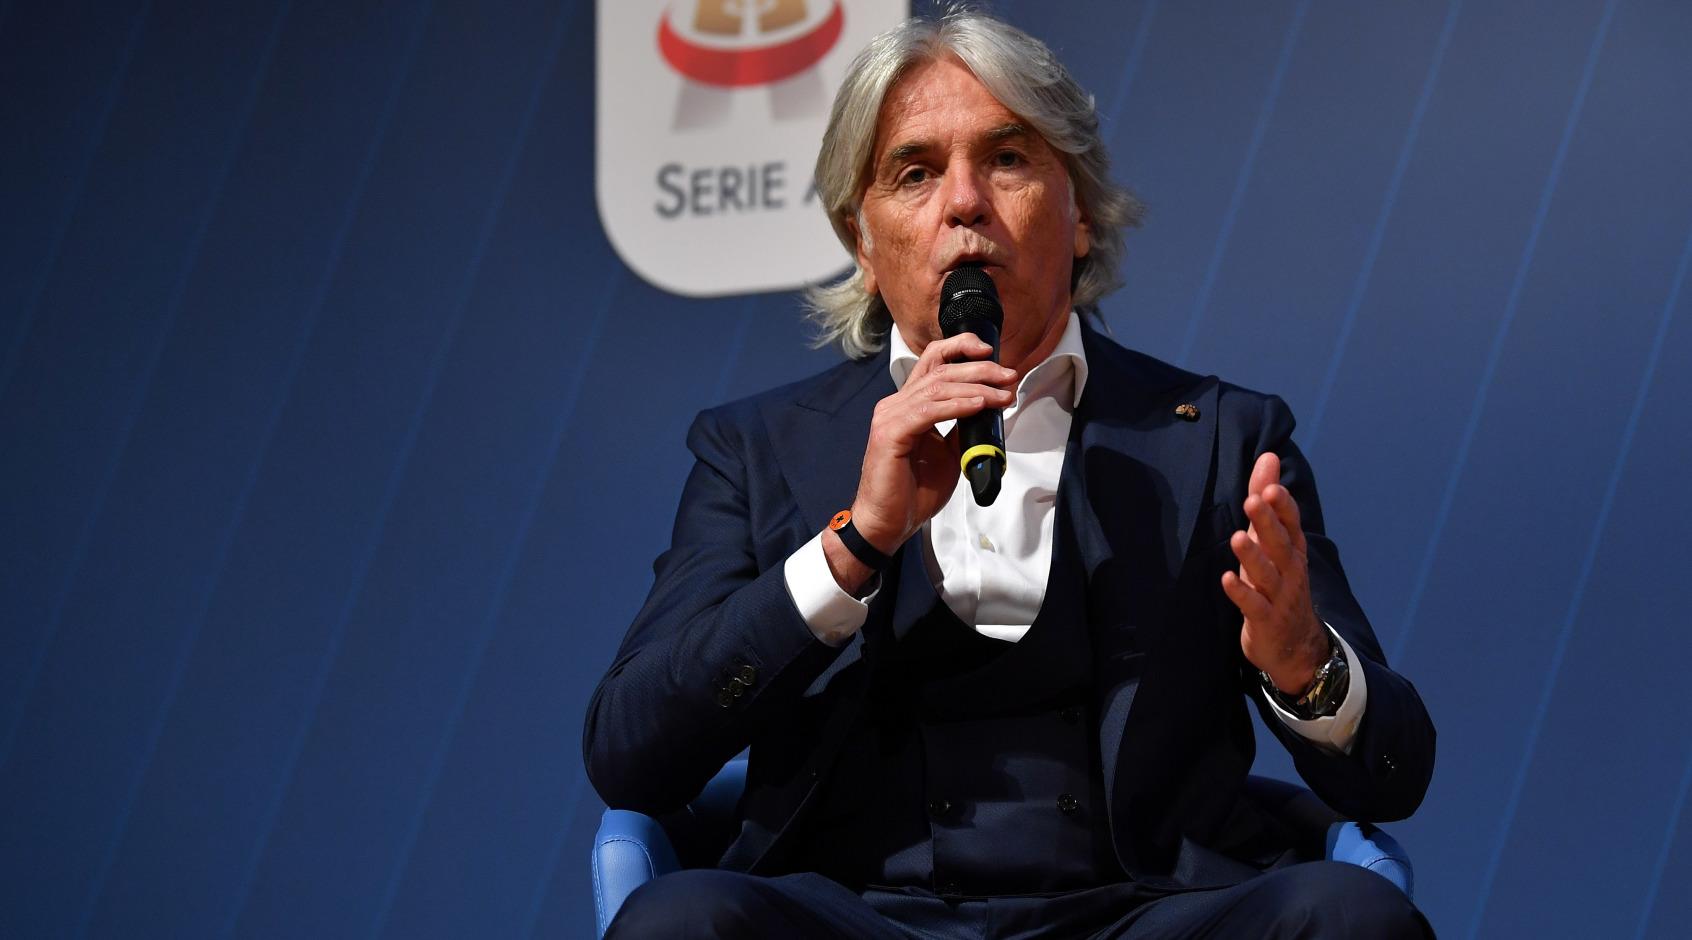 """Редактор Corriere dello Sport: """"Скажите, что расистского в заголовке """"Черная пятница""""?"""